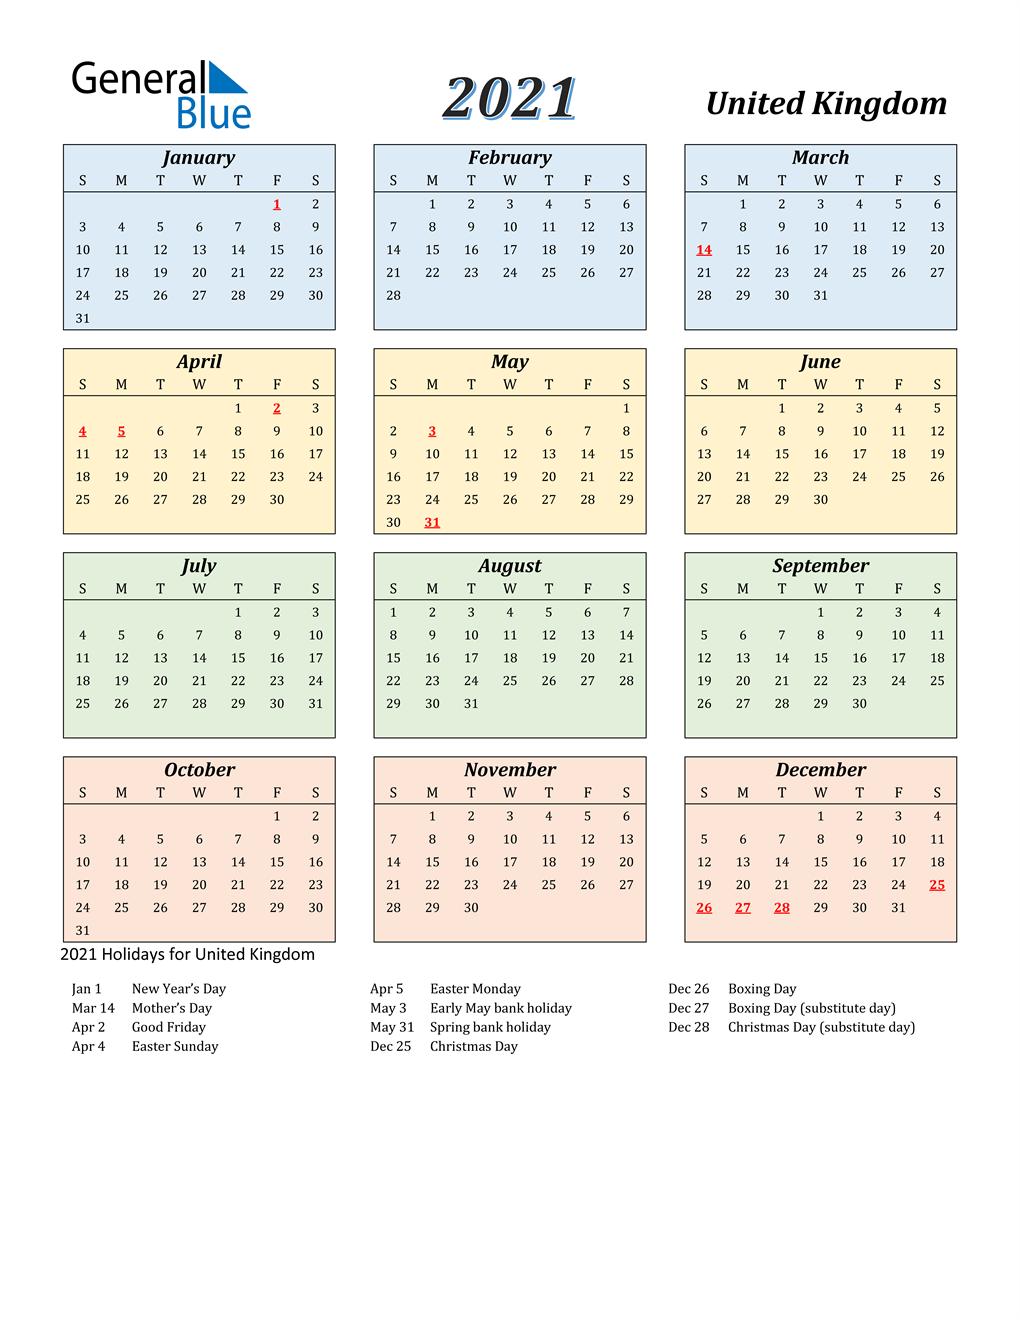 20 United Kingdom Calendar with Holidays